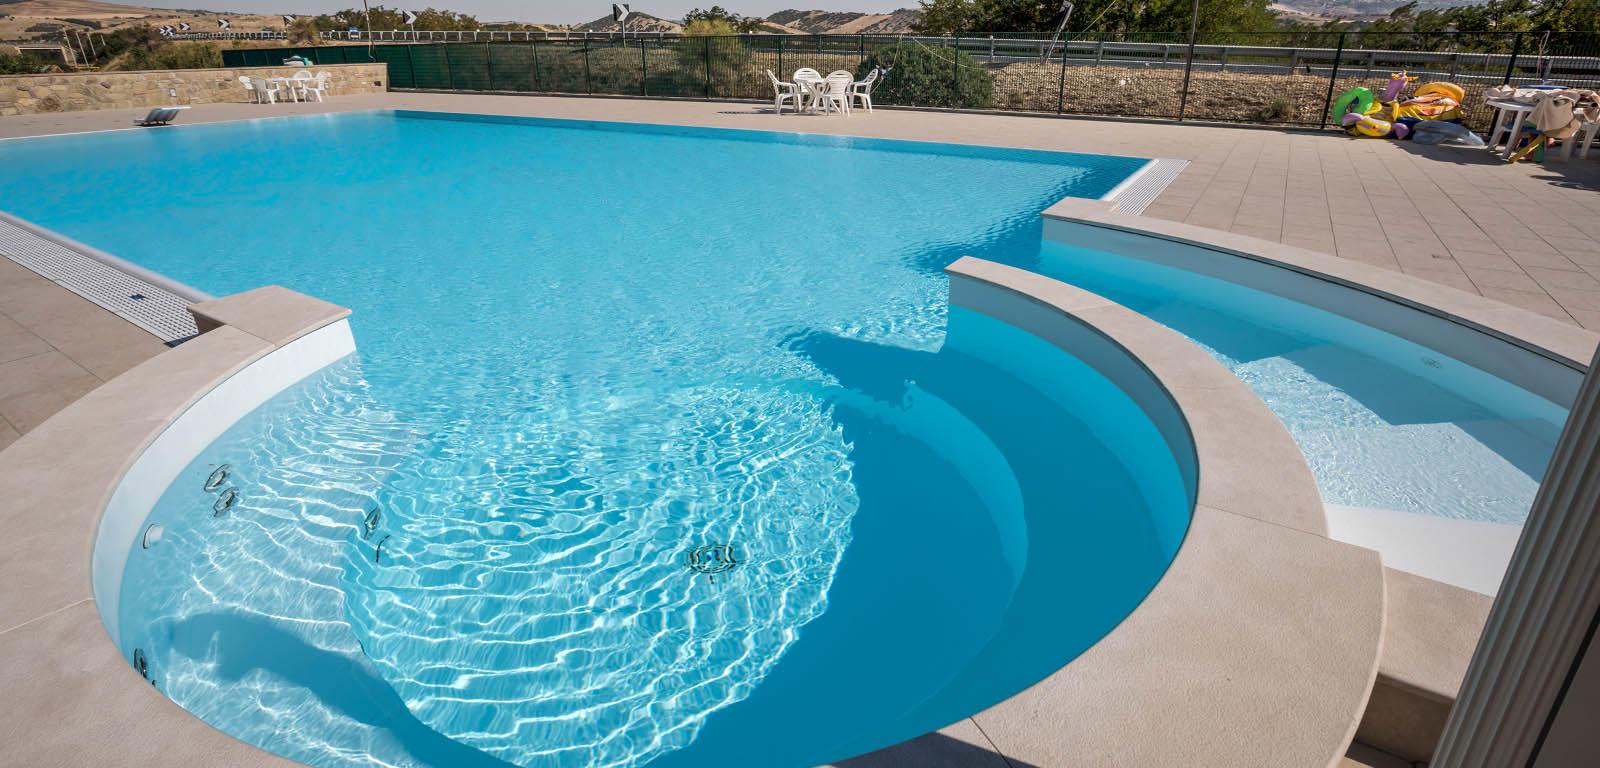 Disegni di piscine tw17 pineglen - Piscina comunale ravenna prezzi ...